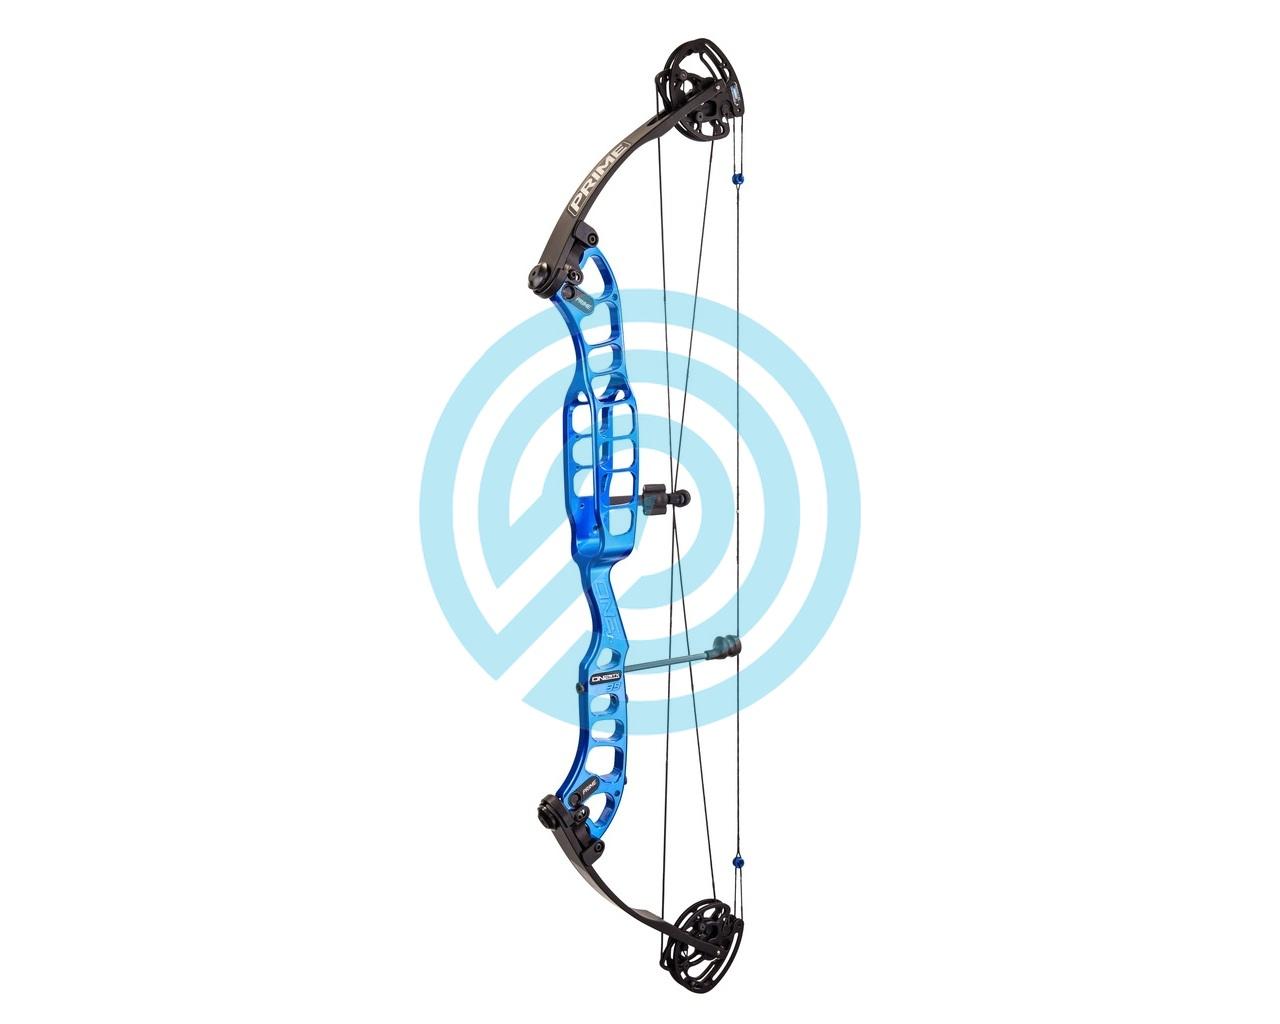 Prime Compound Bow One STX 39 V2 | 112838-1000 | JVD Archery